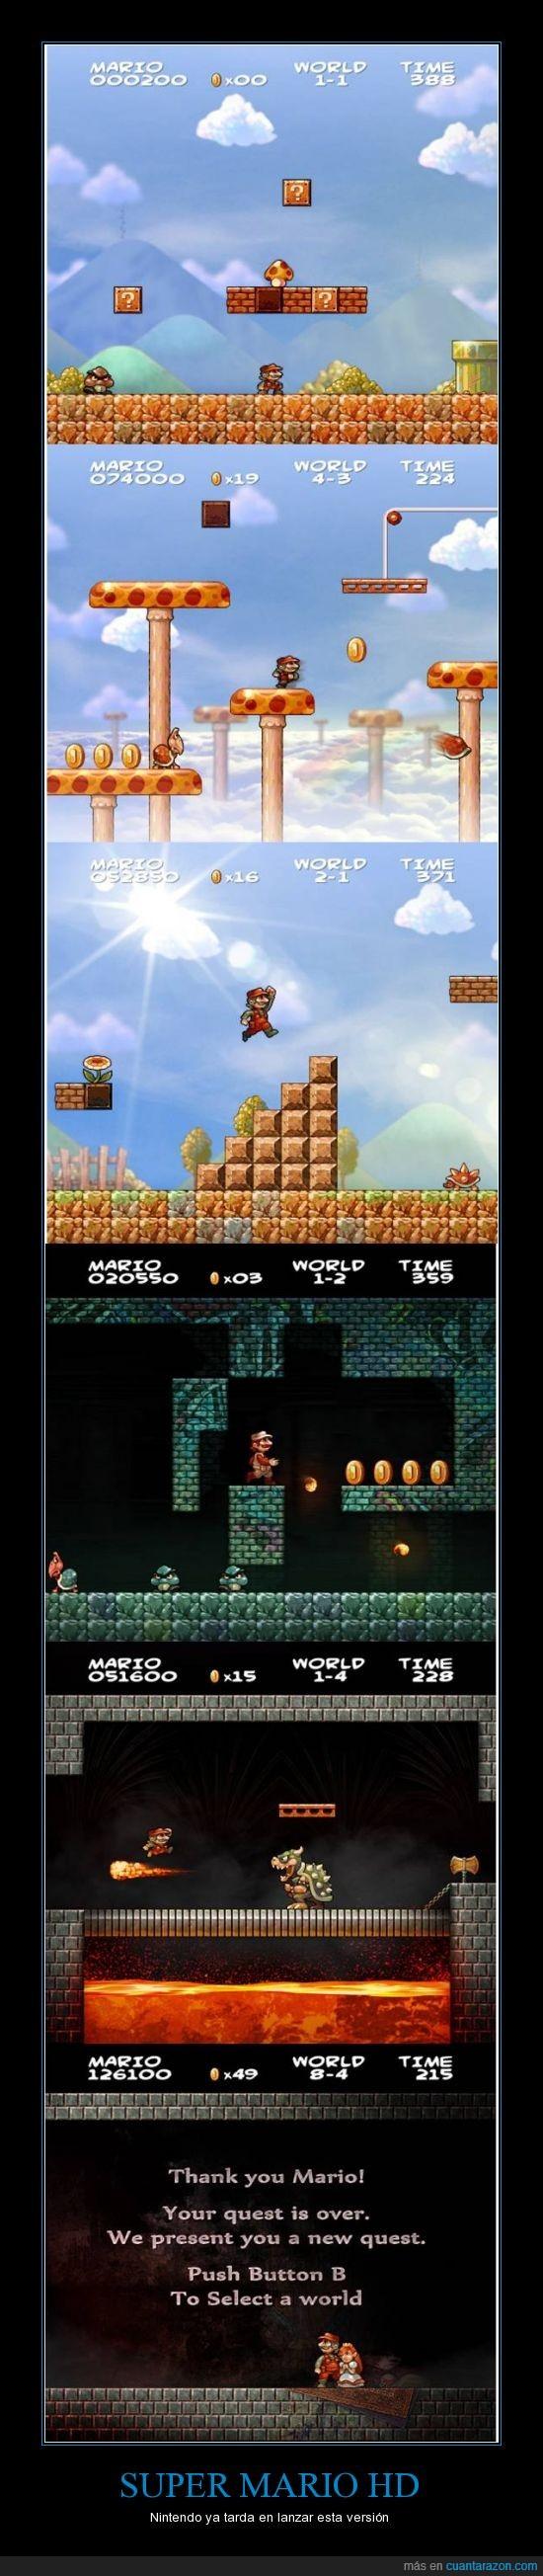 Gamers,HD,Mario,Nintendo,Super Mario,Videojuegos